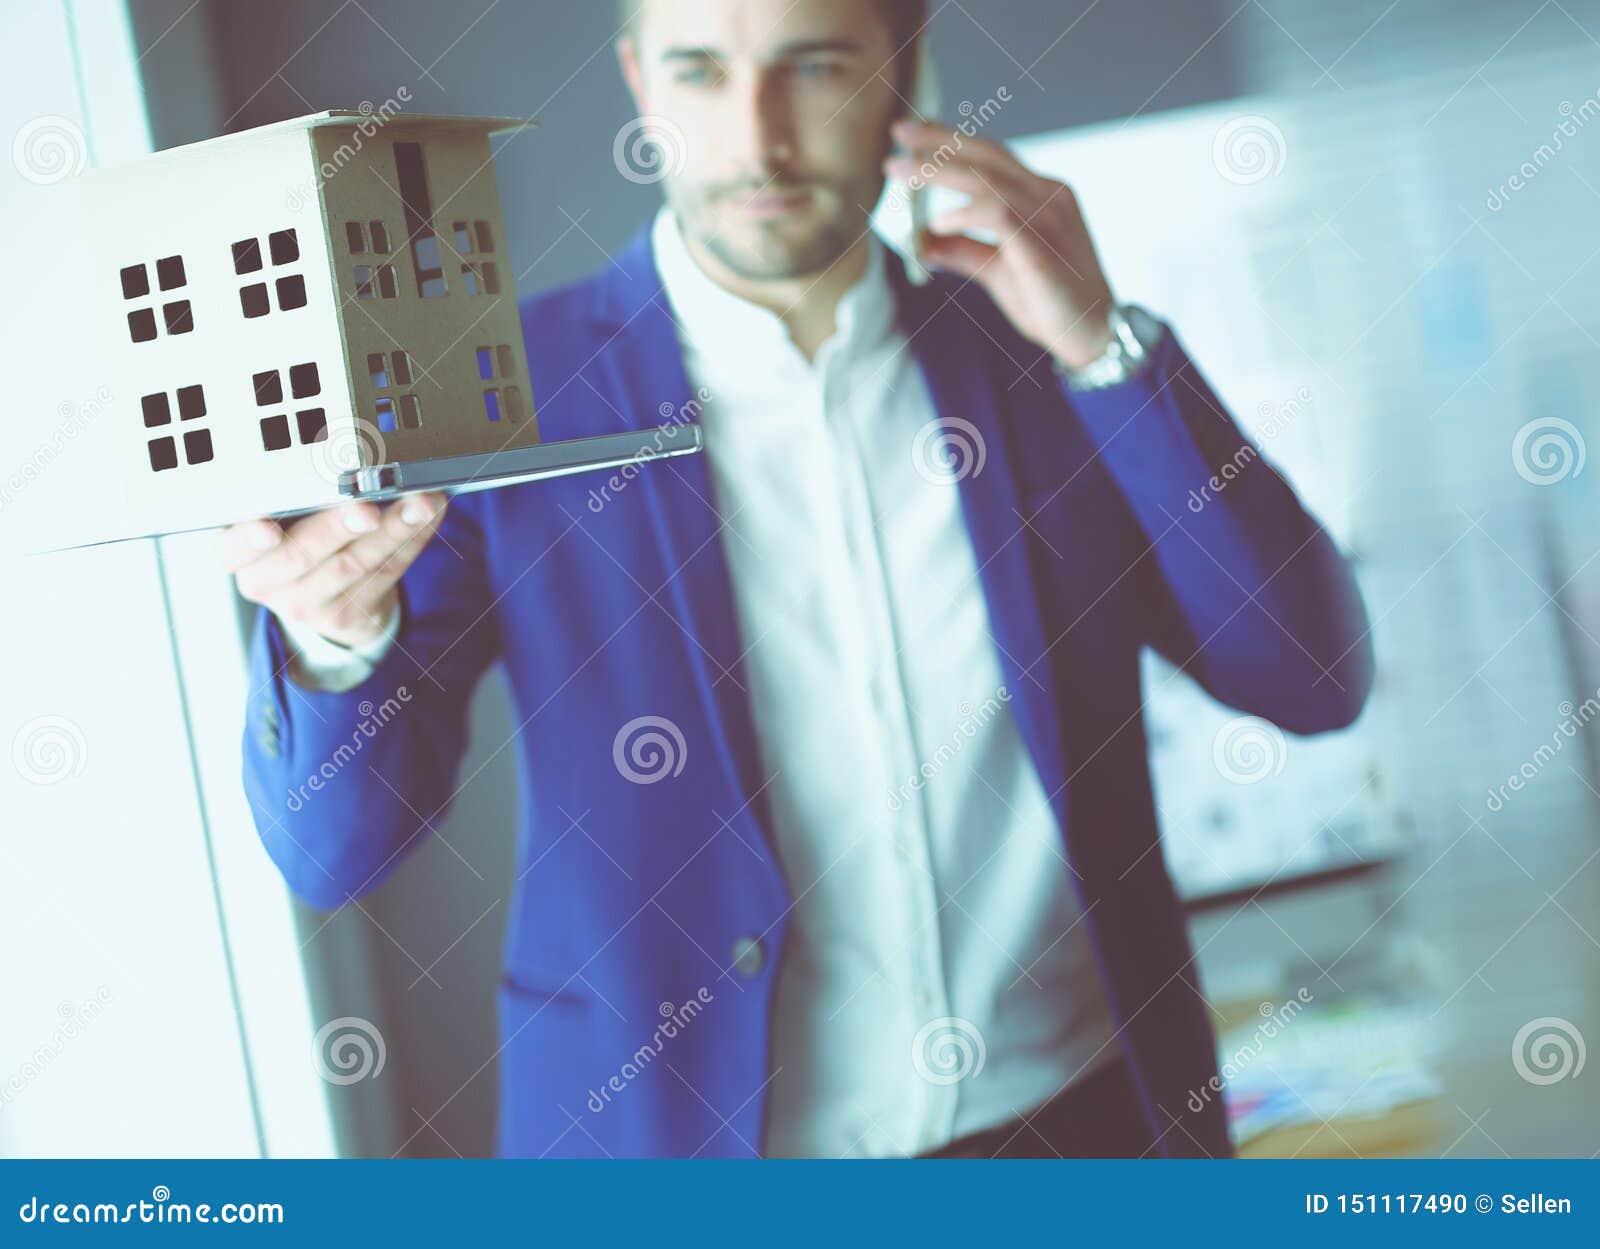 Миниатюра дома удерживания бизнесмена в наличии стоя в офисе